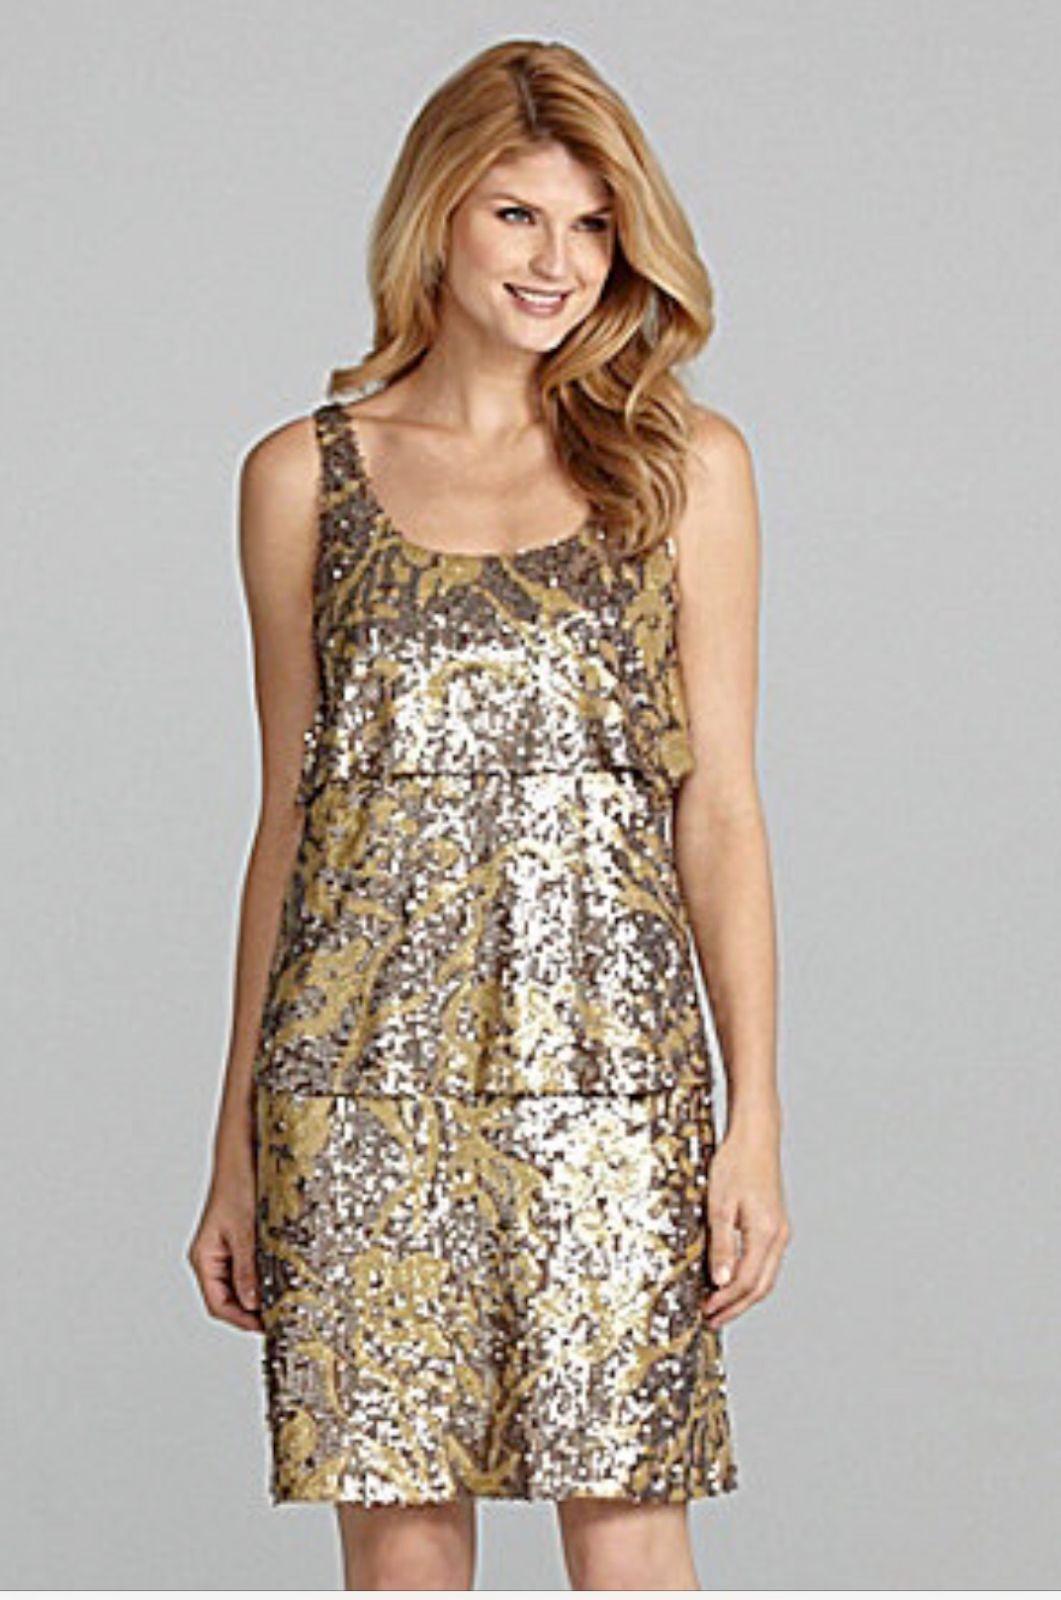 Antonio Melani - Größe 6 Gold Dunkel Seabed Maddy Abgestuft Paillette Kleid H